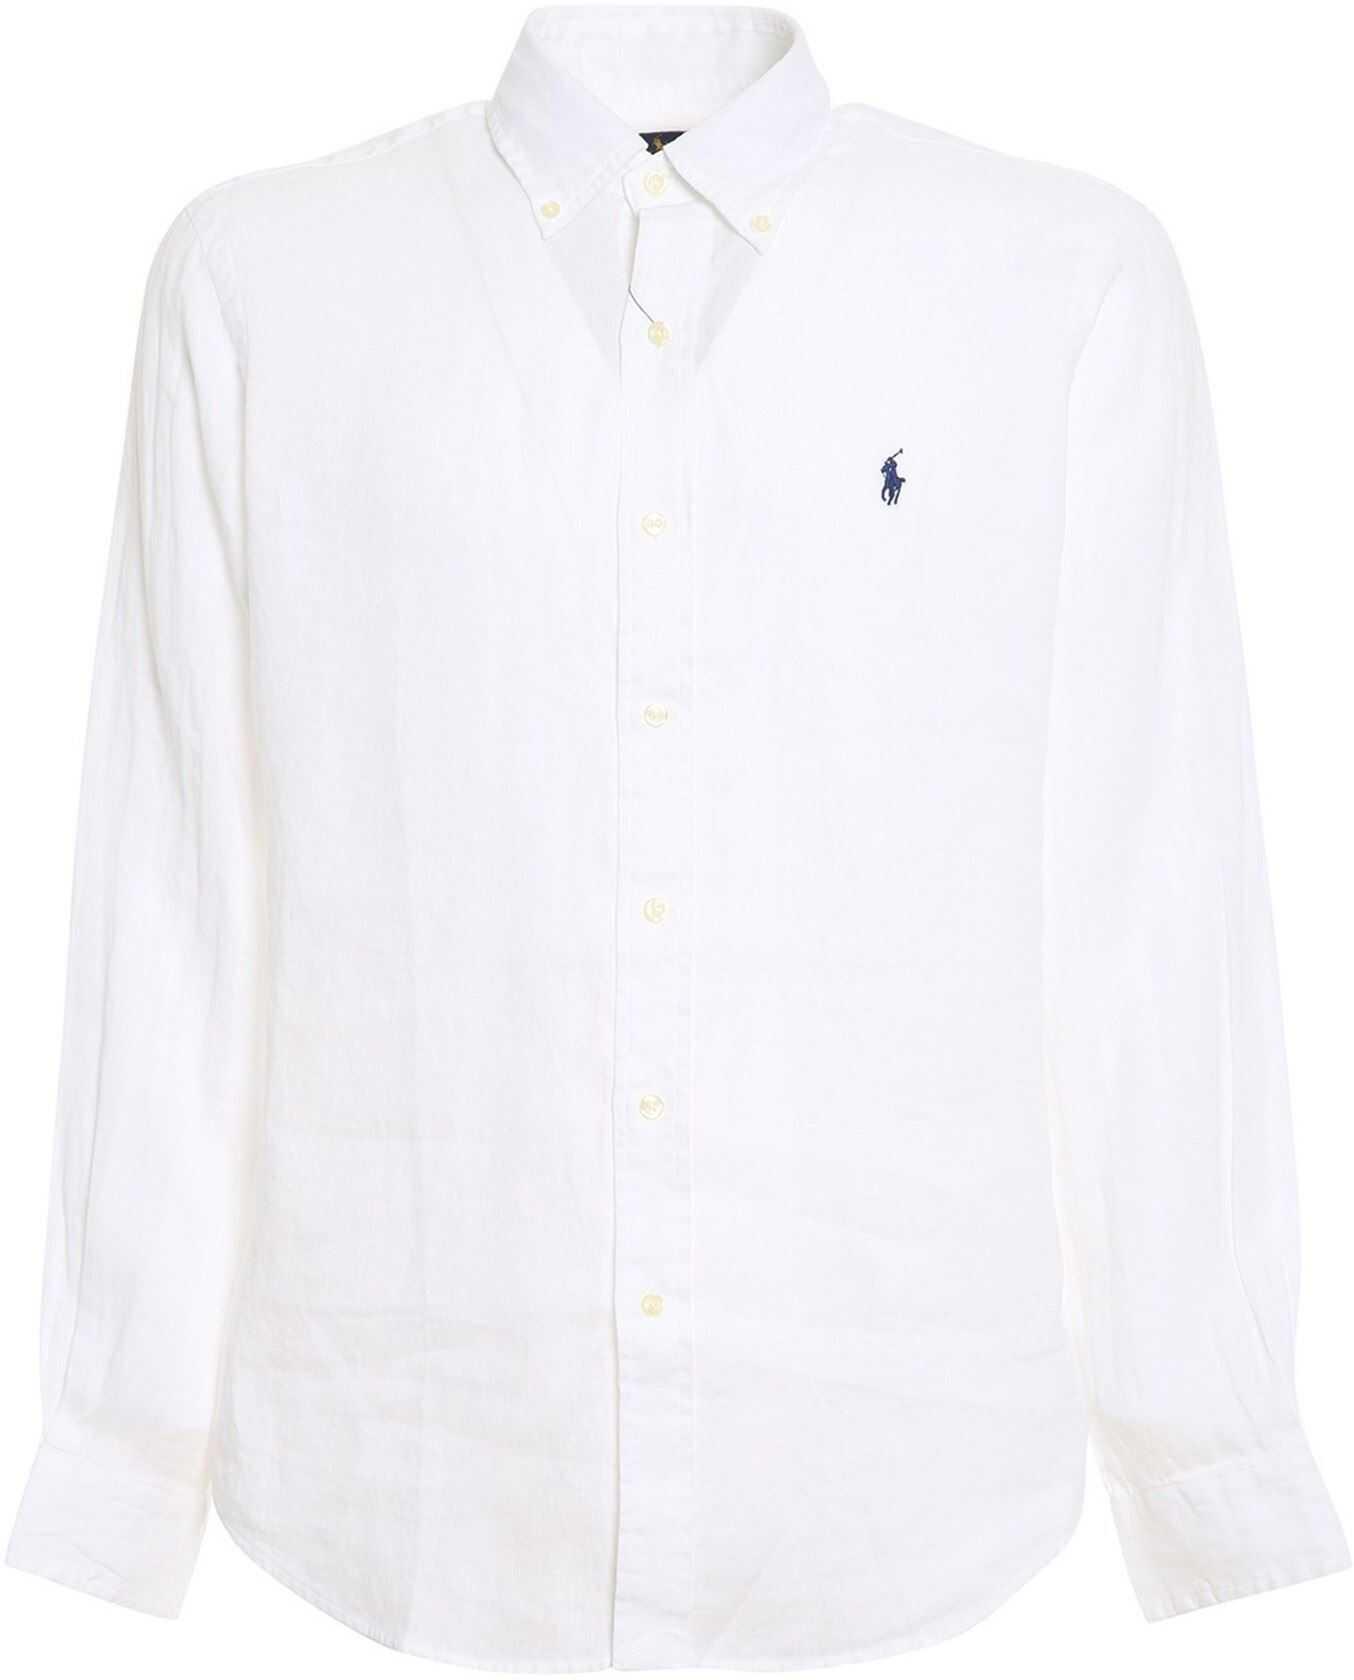 Ralph Lauren Linen Shirt In White White imagine